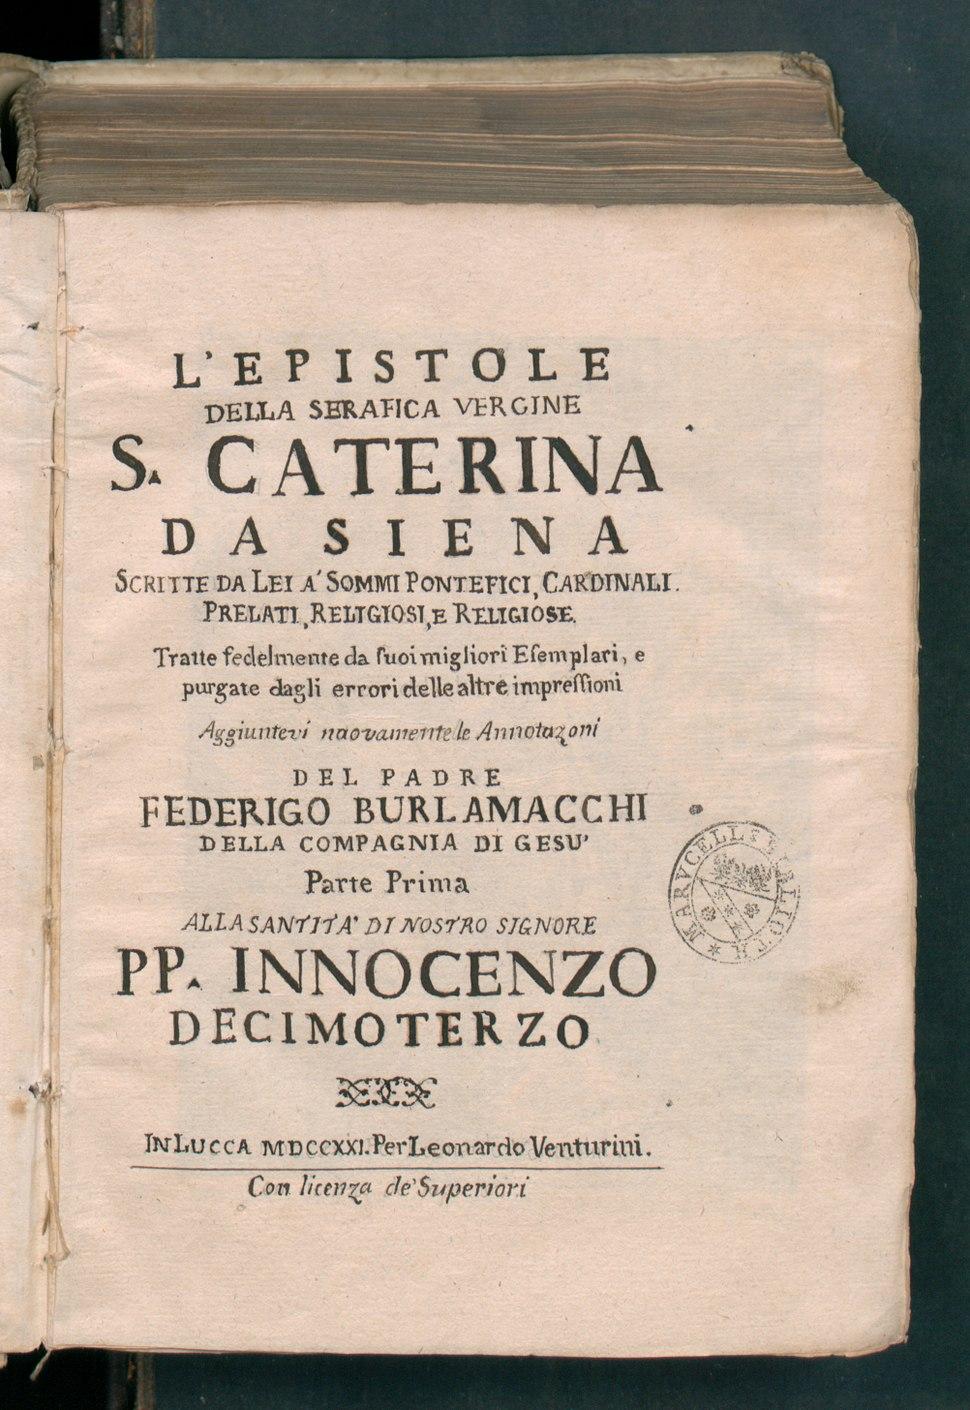 L'epistole della serafica vergine s. Caterina da Siena